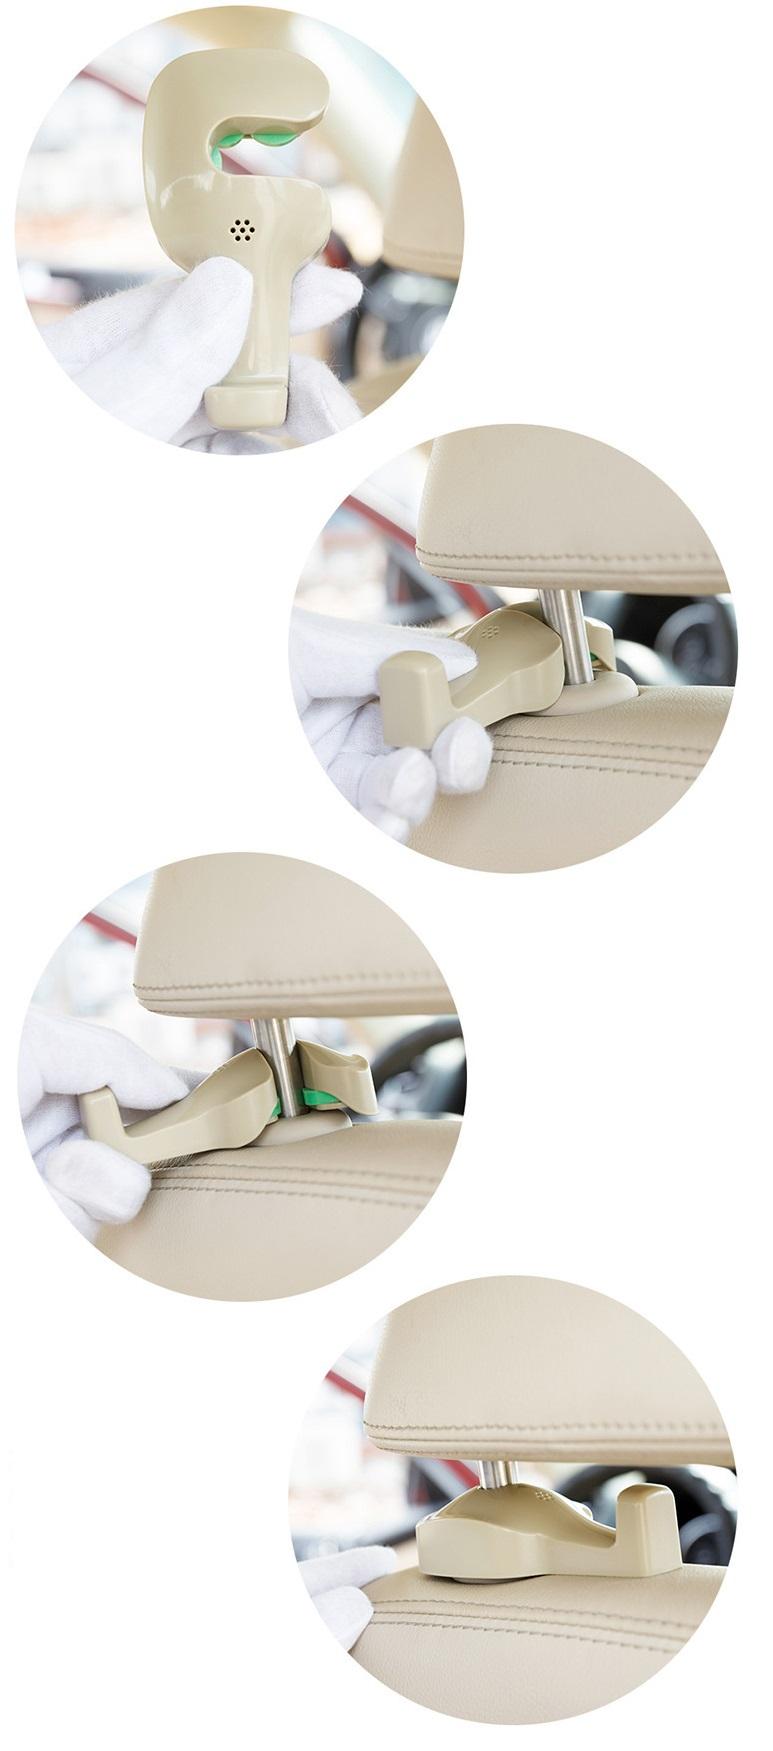 Móc khóa treo đồ ghế sau xe hơi